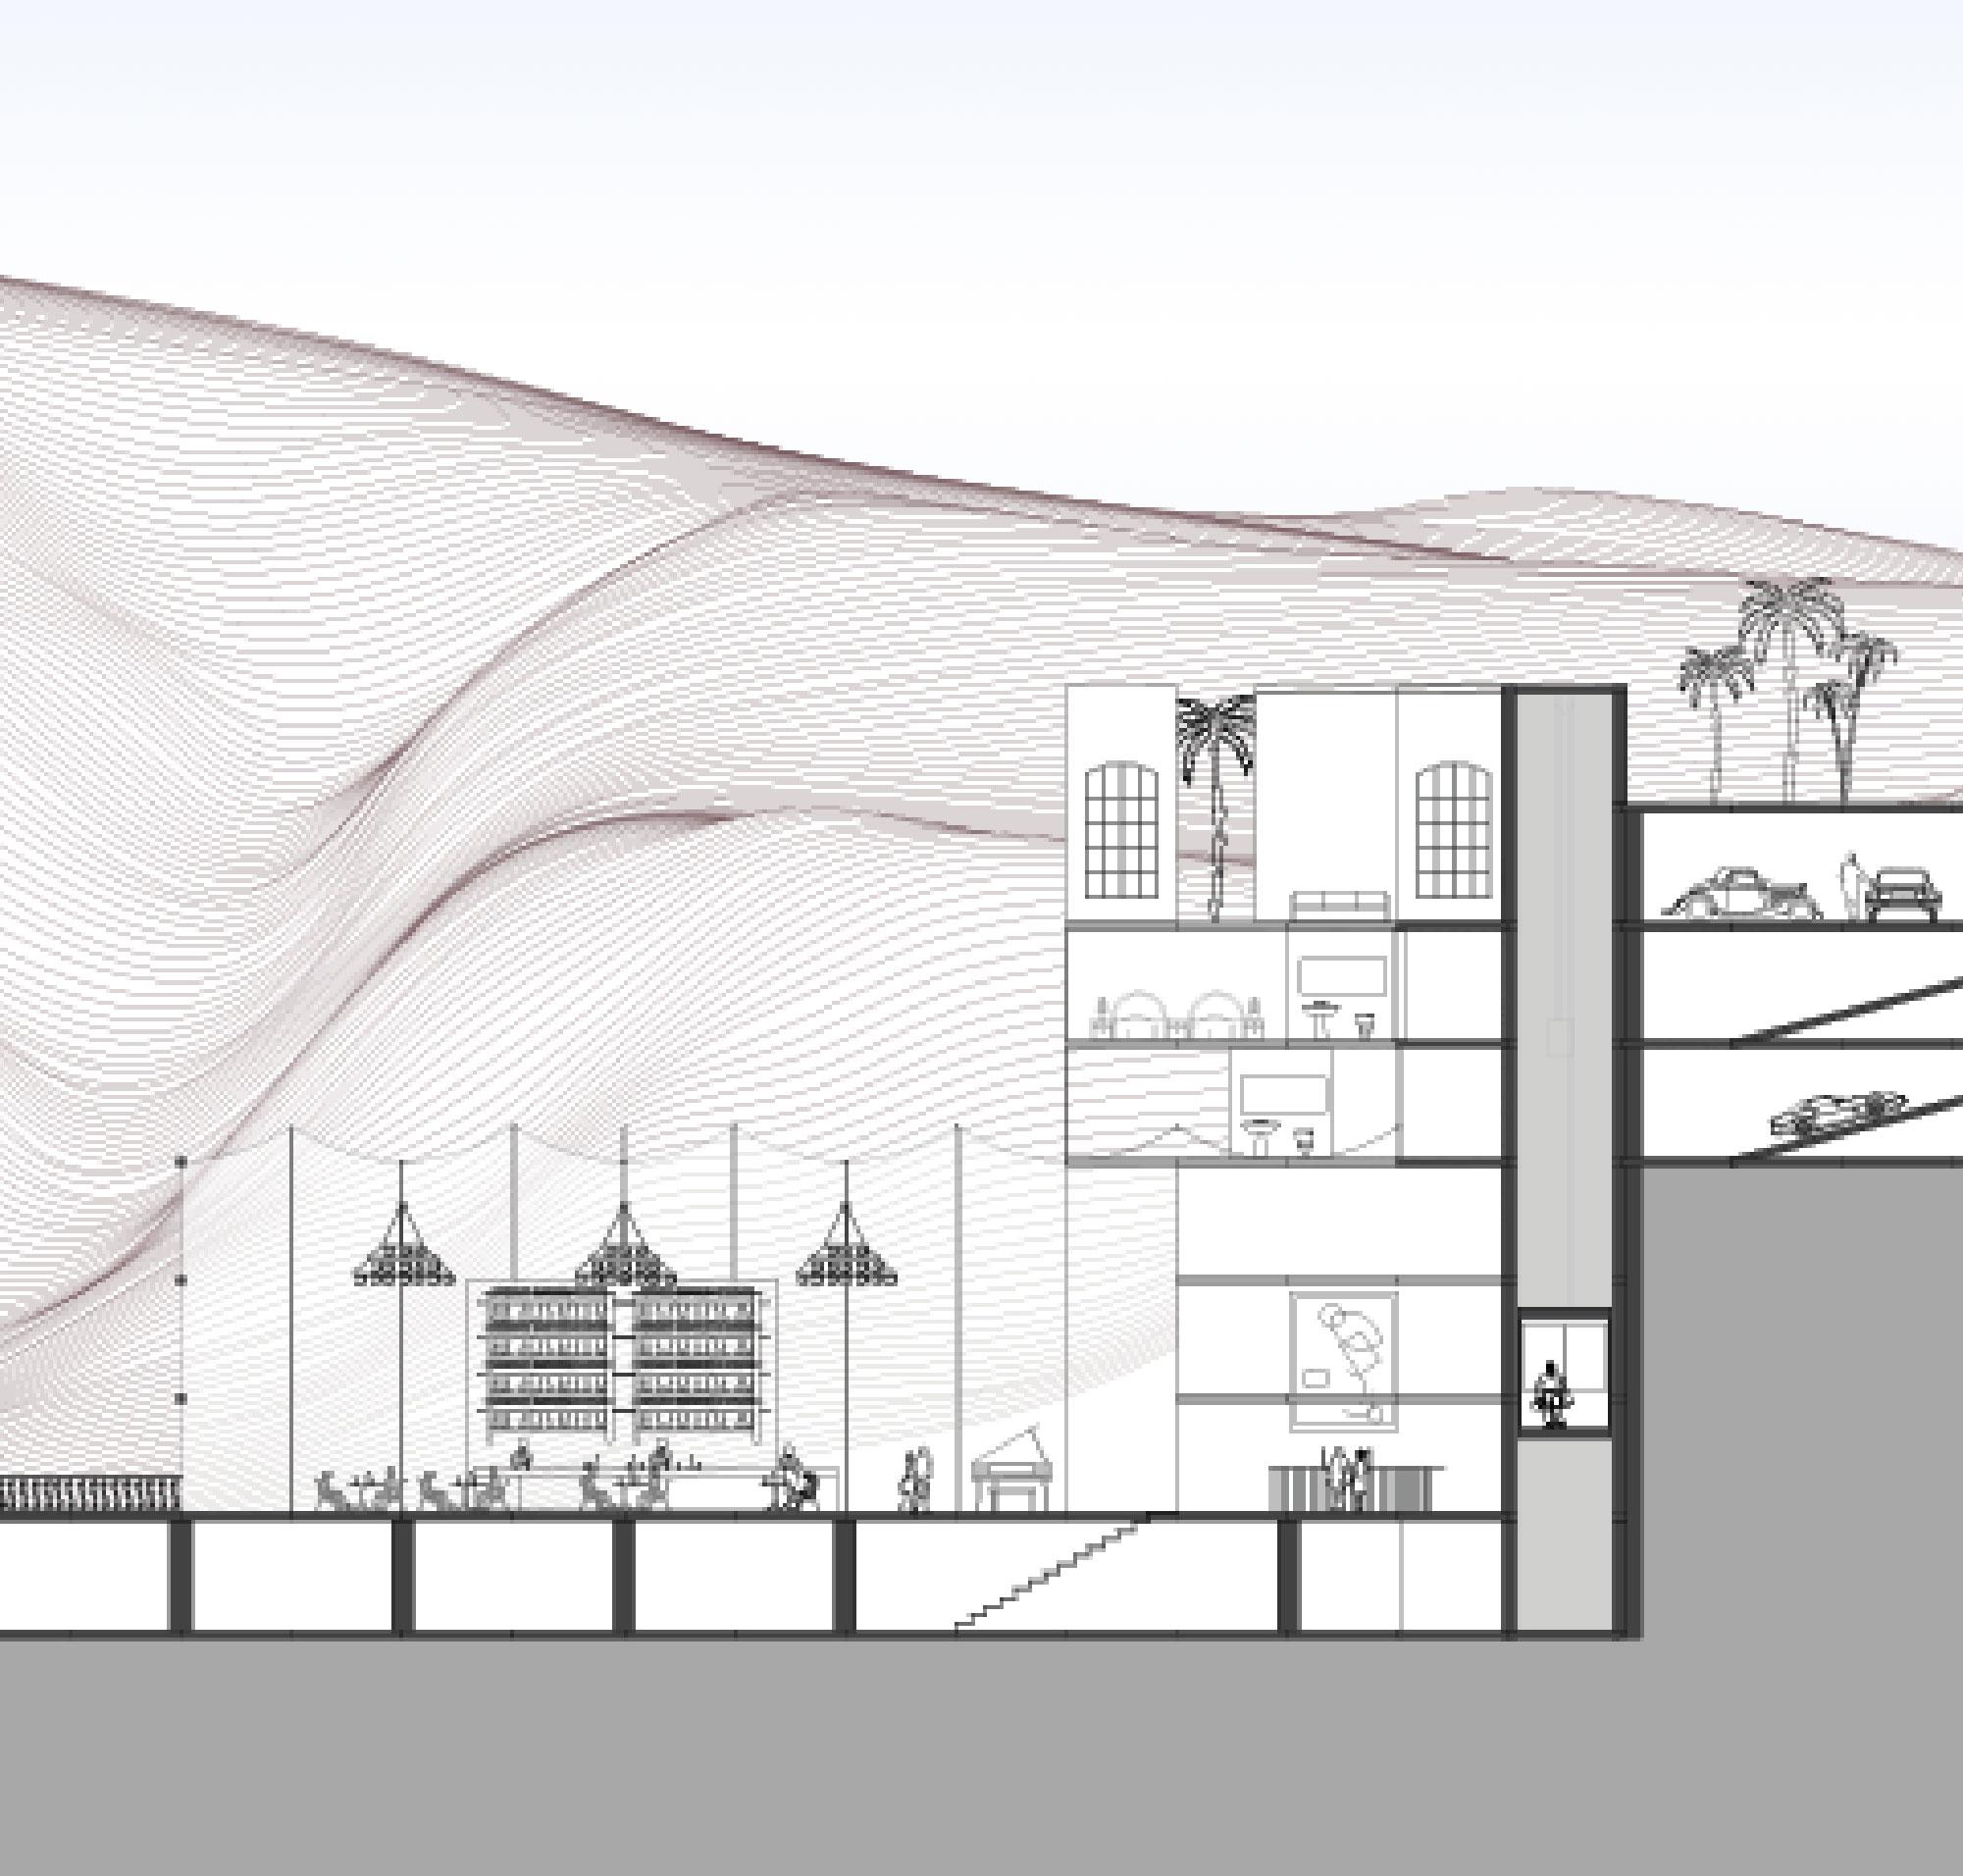 A1_Hotel_scenario-with-sky-unlabelled-SQ